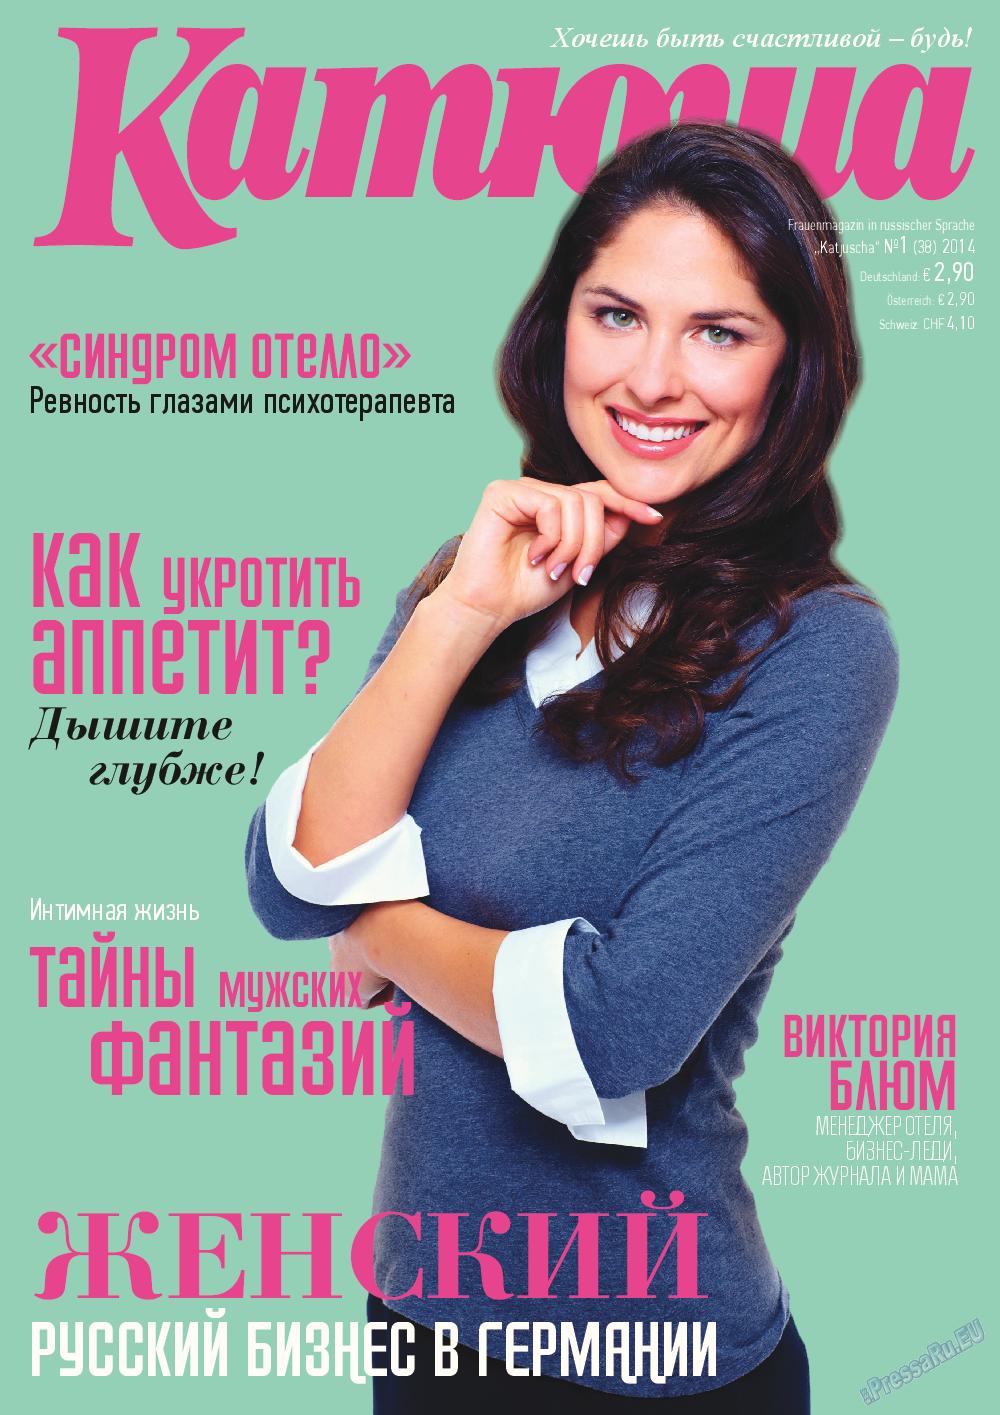 Катюша (журнал). 2014 год, номер 38, стр. 1